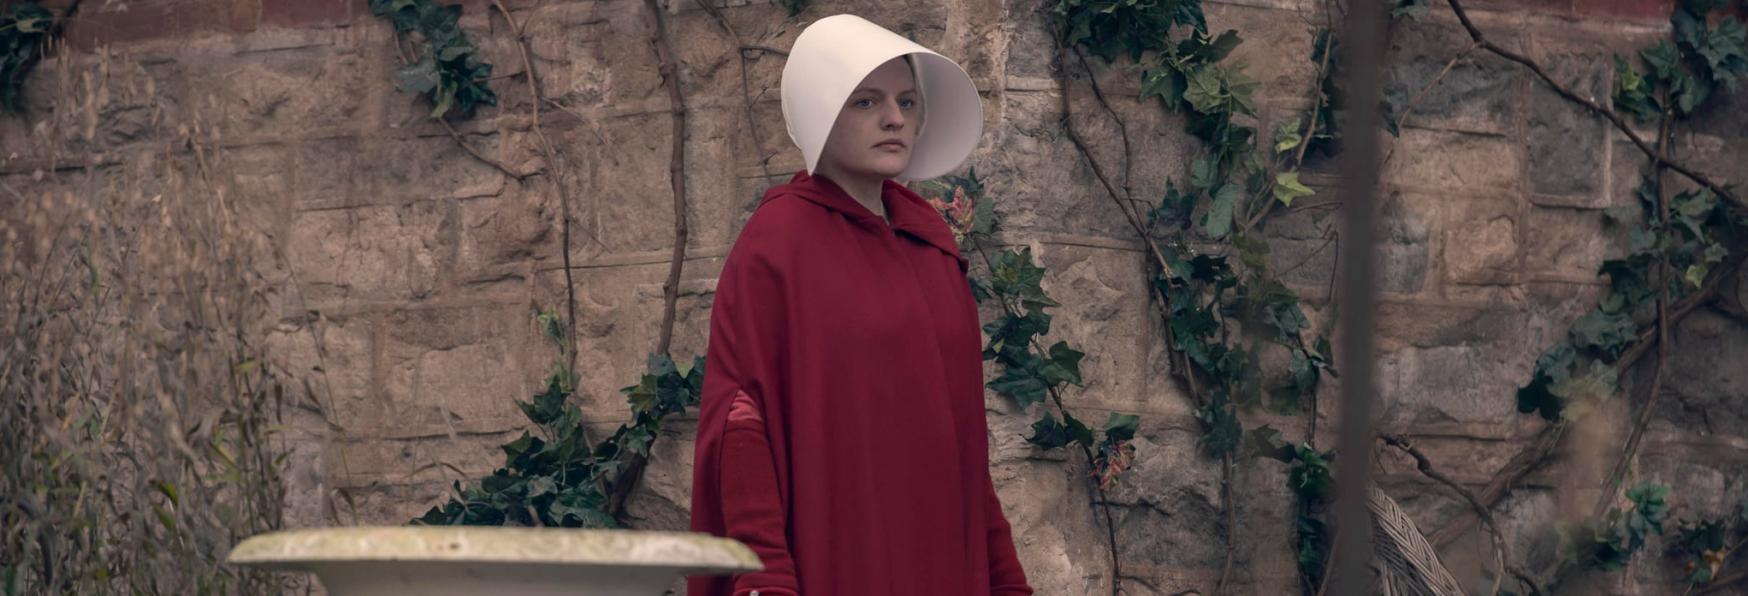 The Handmaid's Tale 4: tutti gli ultimi Aggiornamenti sull'attesa Stagione della Serie TV